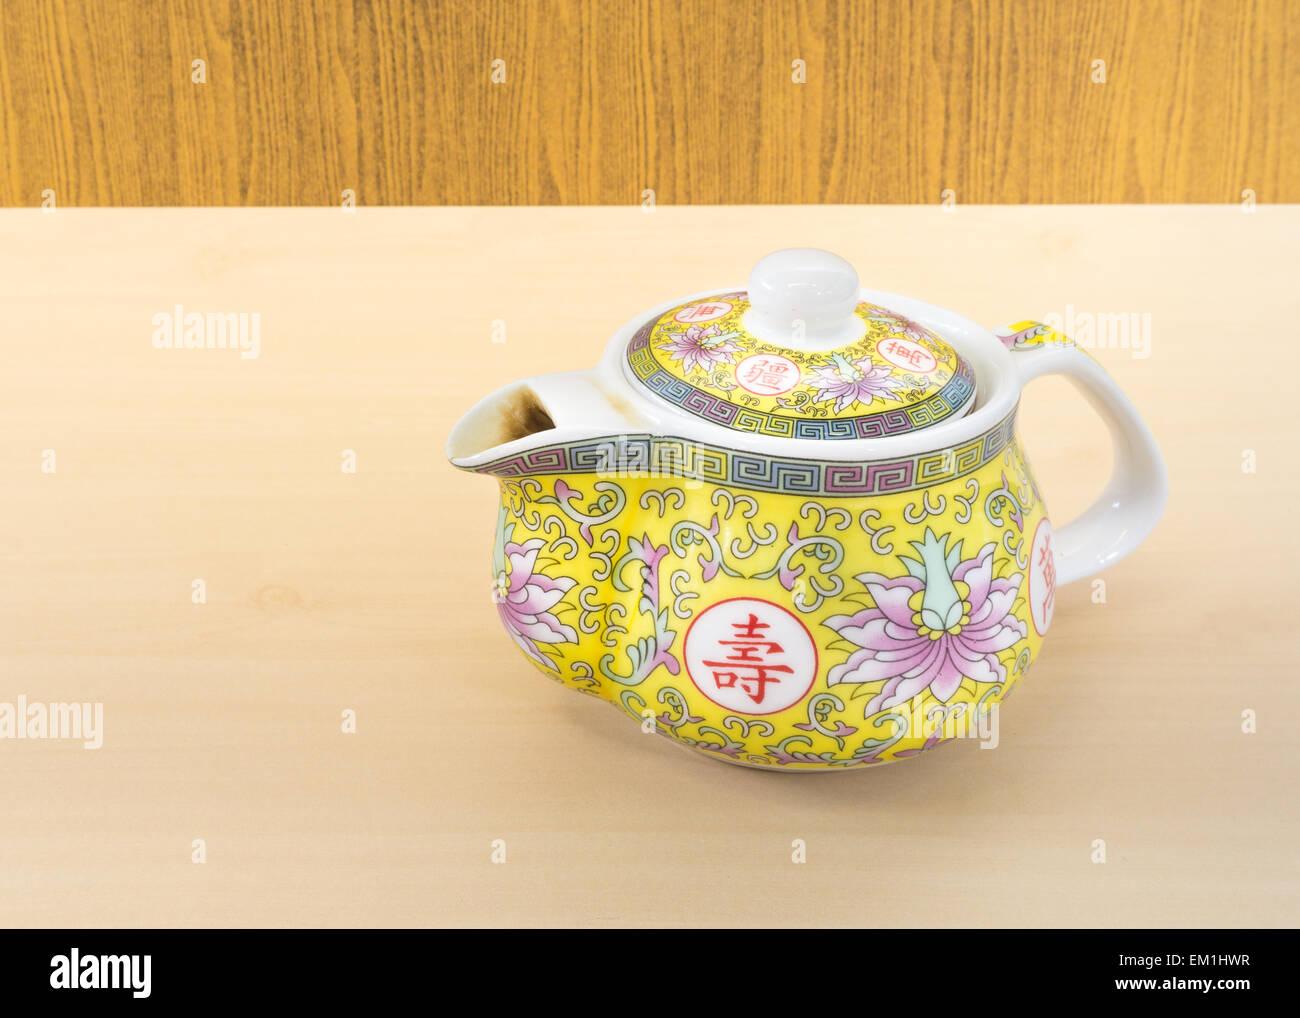 Tea Art Stock Photos & Tea Art Stock Images - Alamy